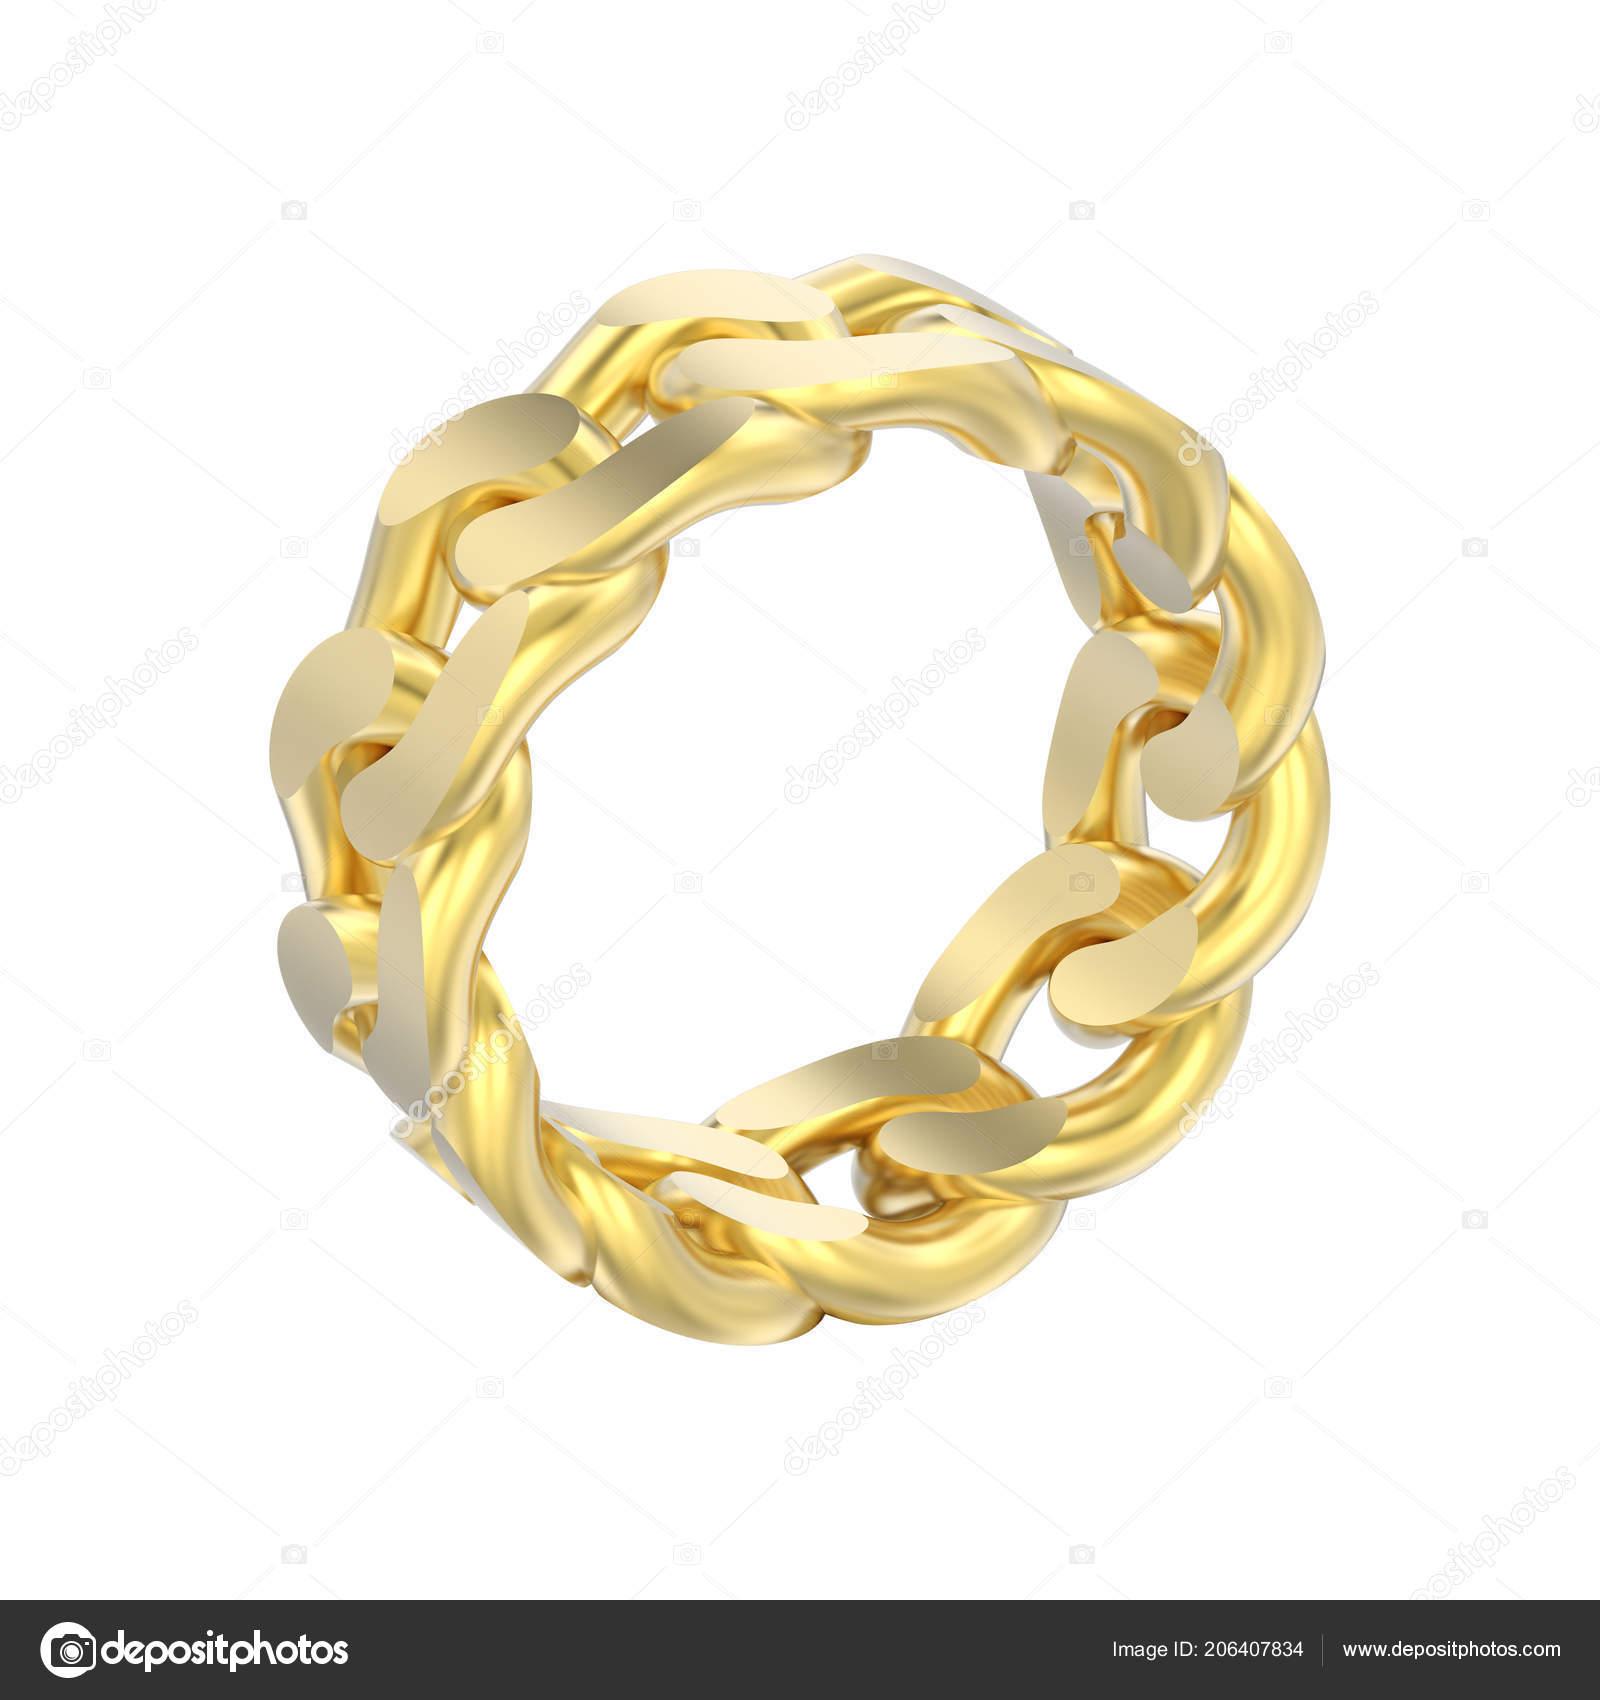 f53990a83e21 Anillo Cadena Decorativa Oro Amarillo Aislados Ilustración Sobre Fondo  Blanco– imagen de stock